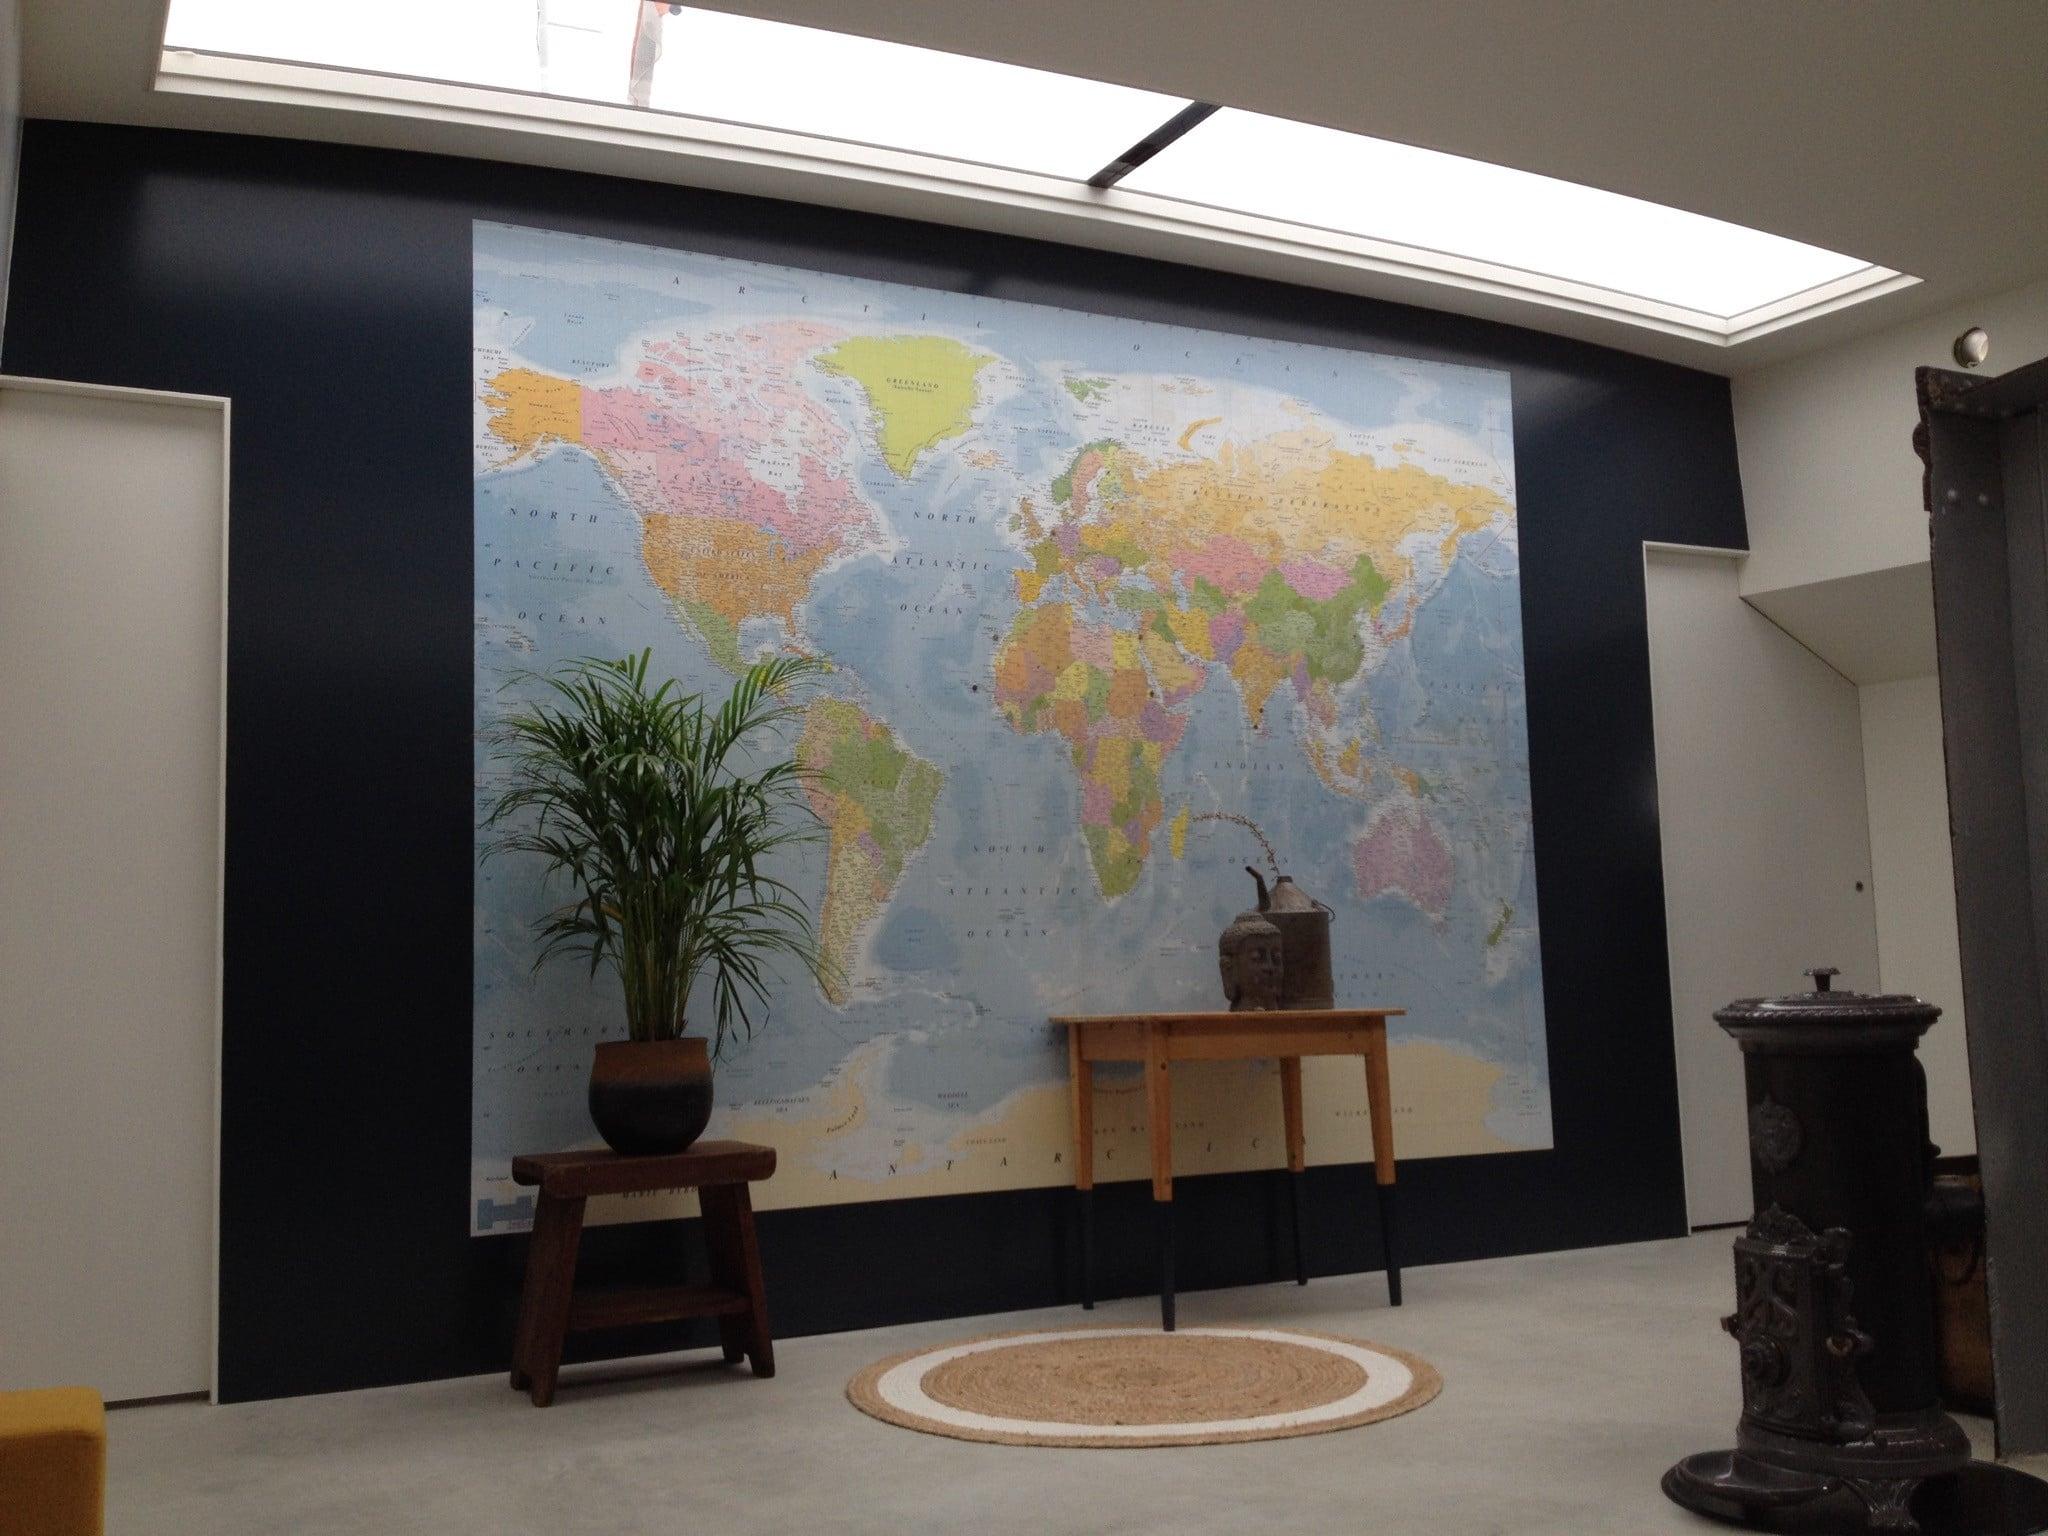 kaart-aan-muur-woonboot_andere_web